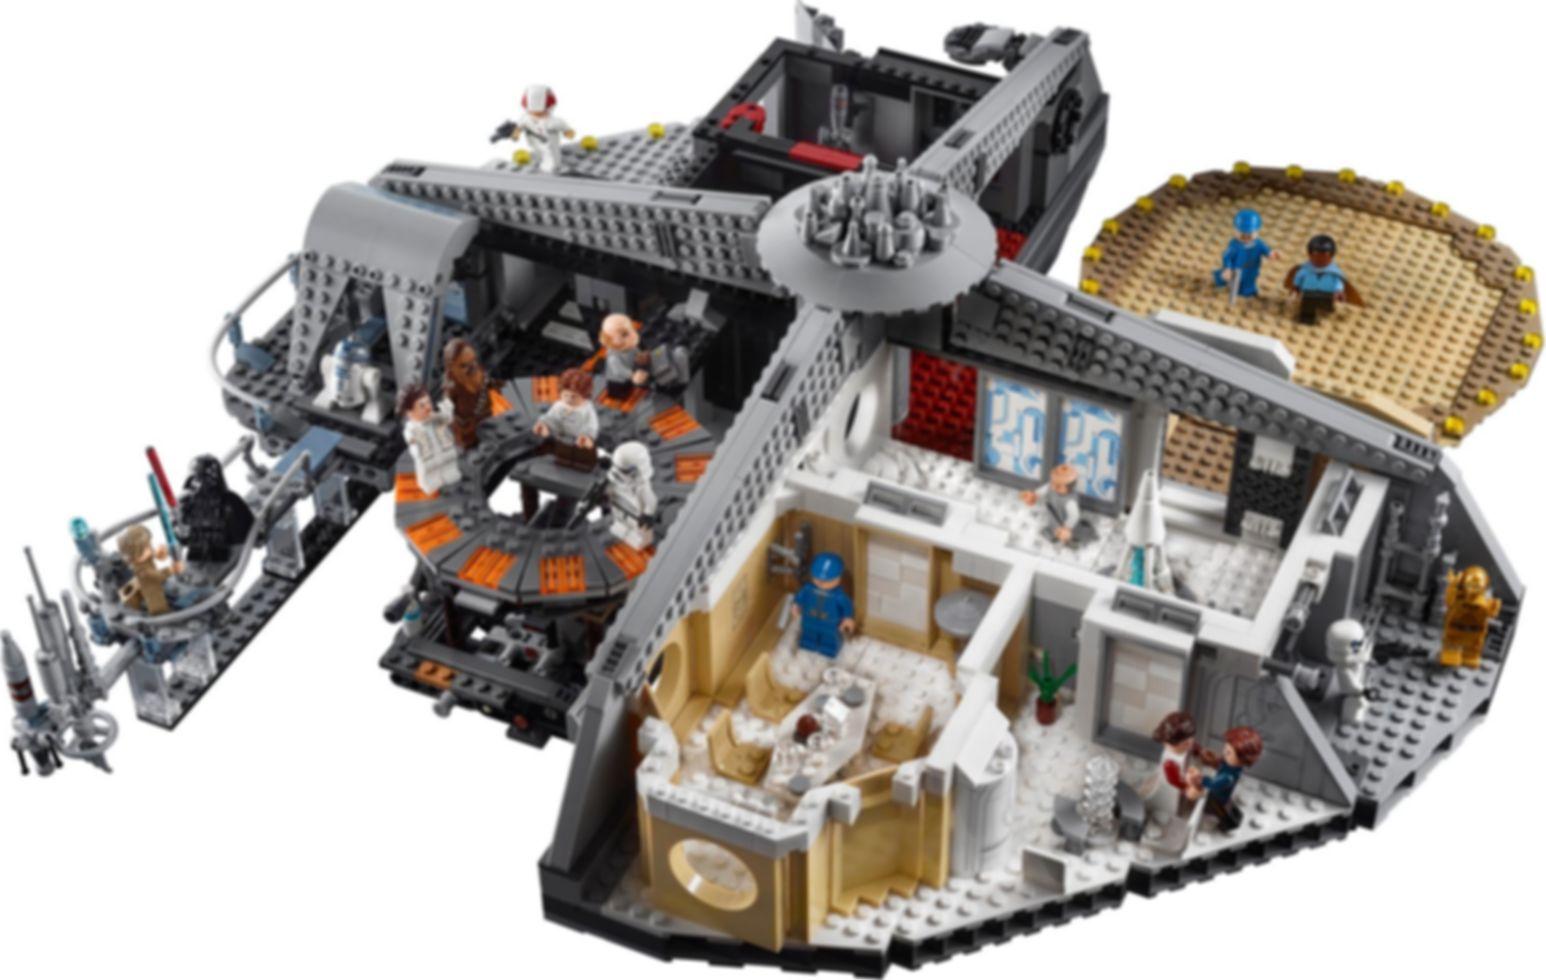 LEGO® Star Wars Betrayal at Cloud City™ gameplay